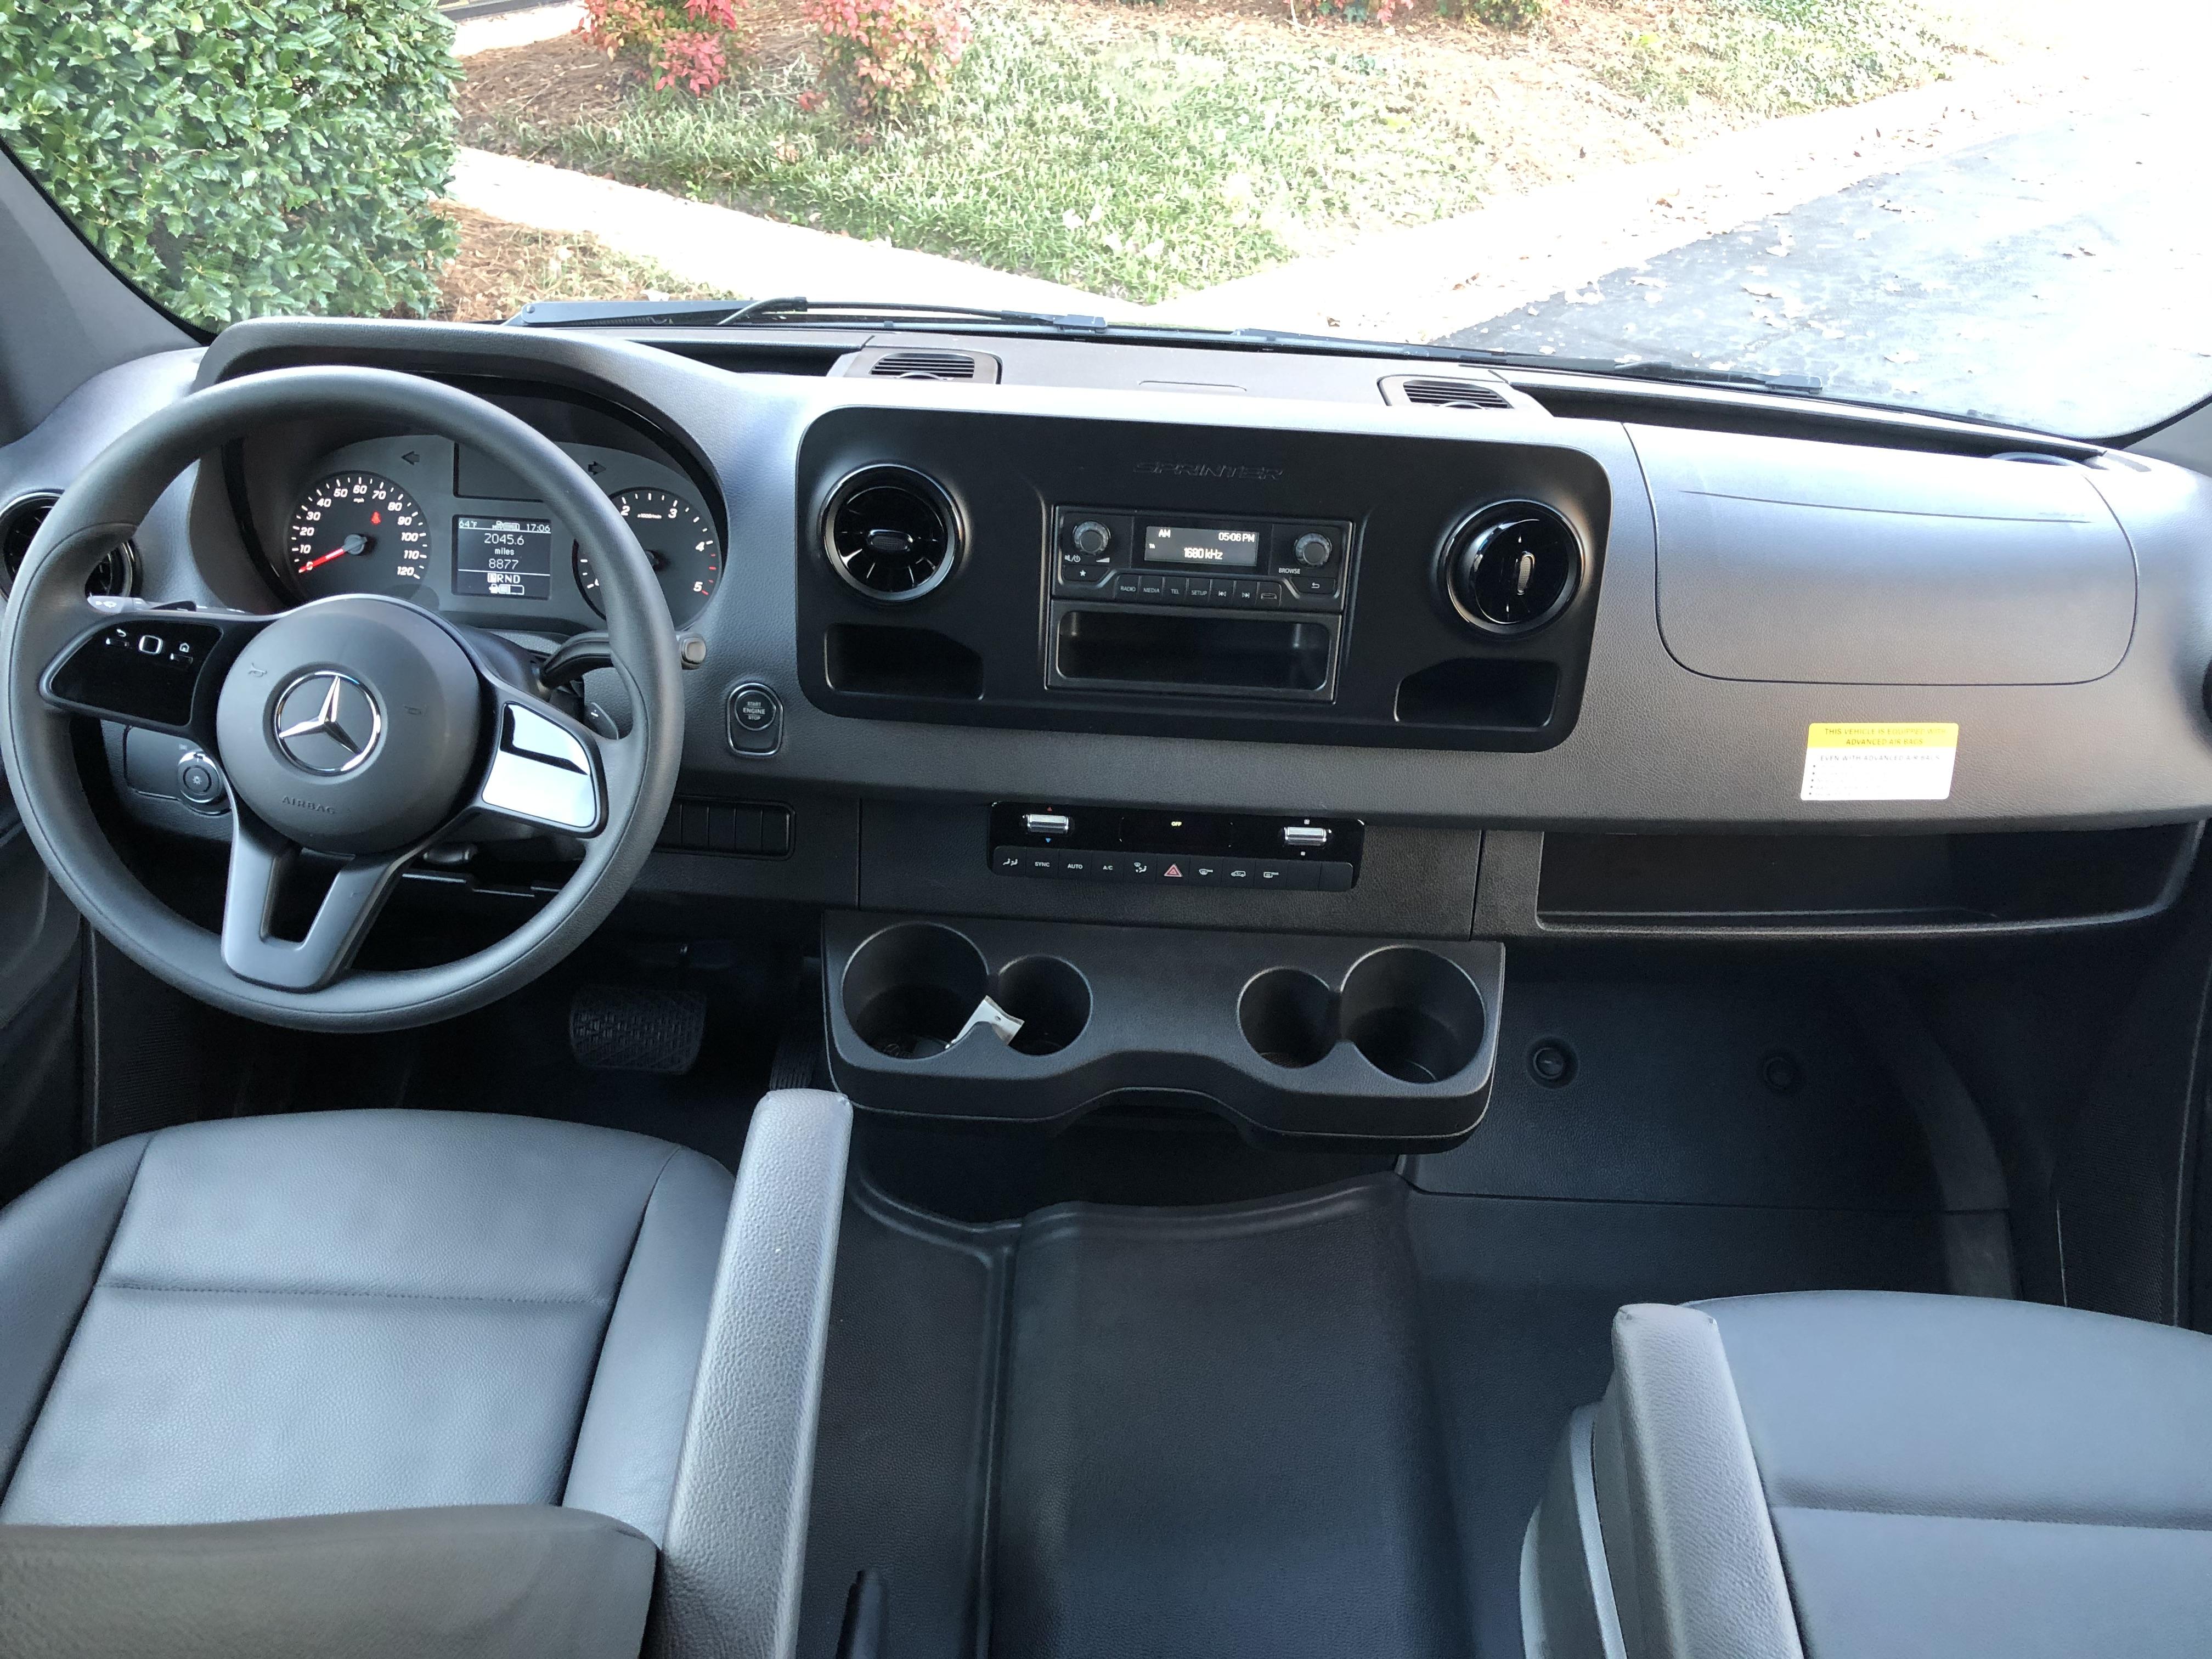 Dashboard view. Mercedes Sprinter Van 2500 2019